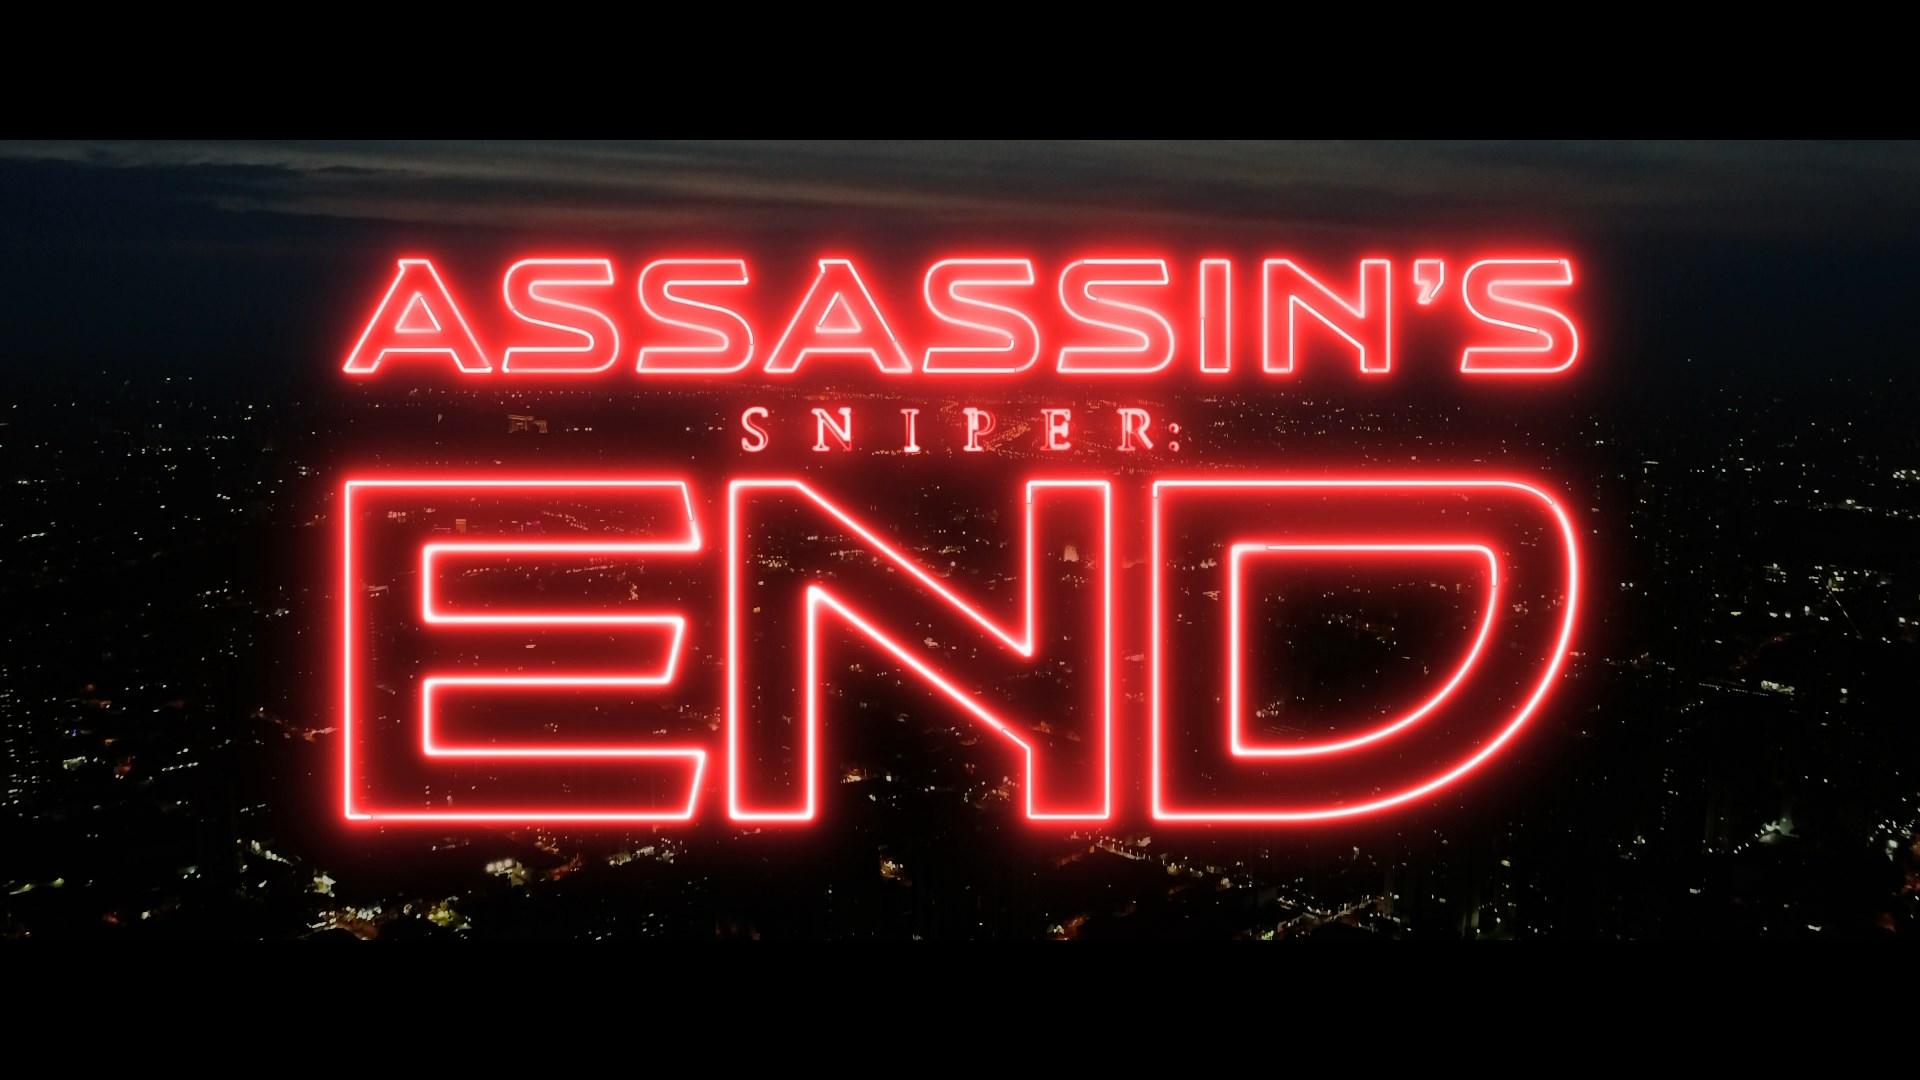 Sniper: El fin del asesino (2020) 1080p BRRip Latino